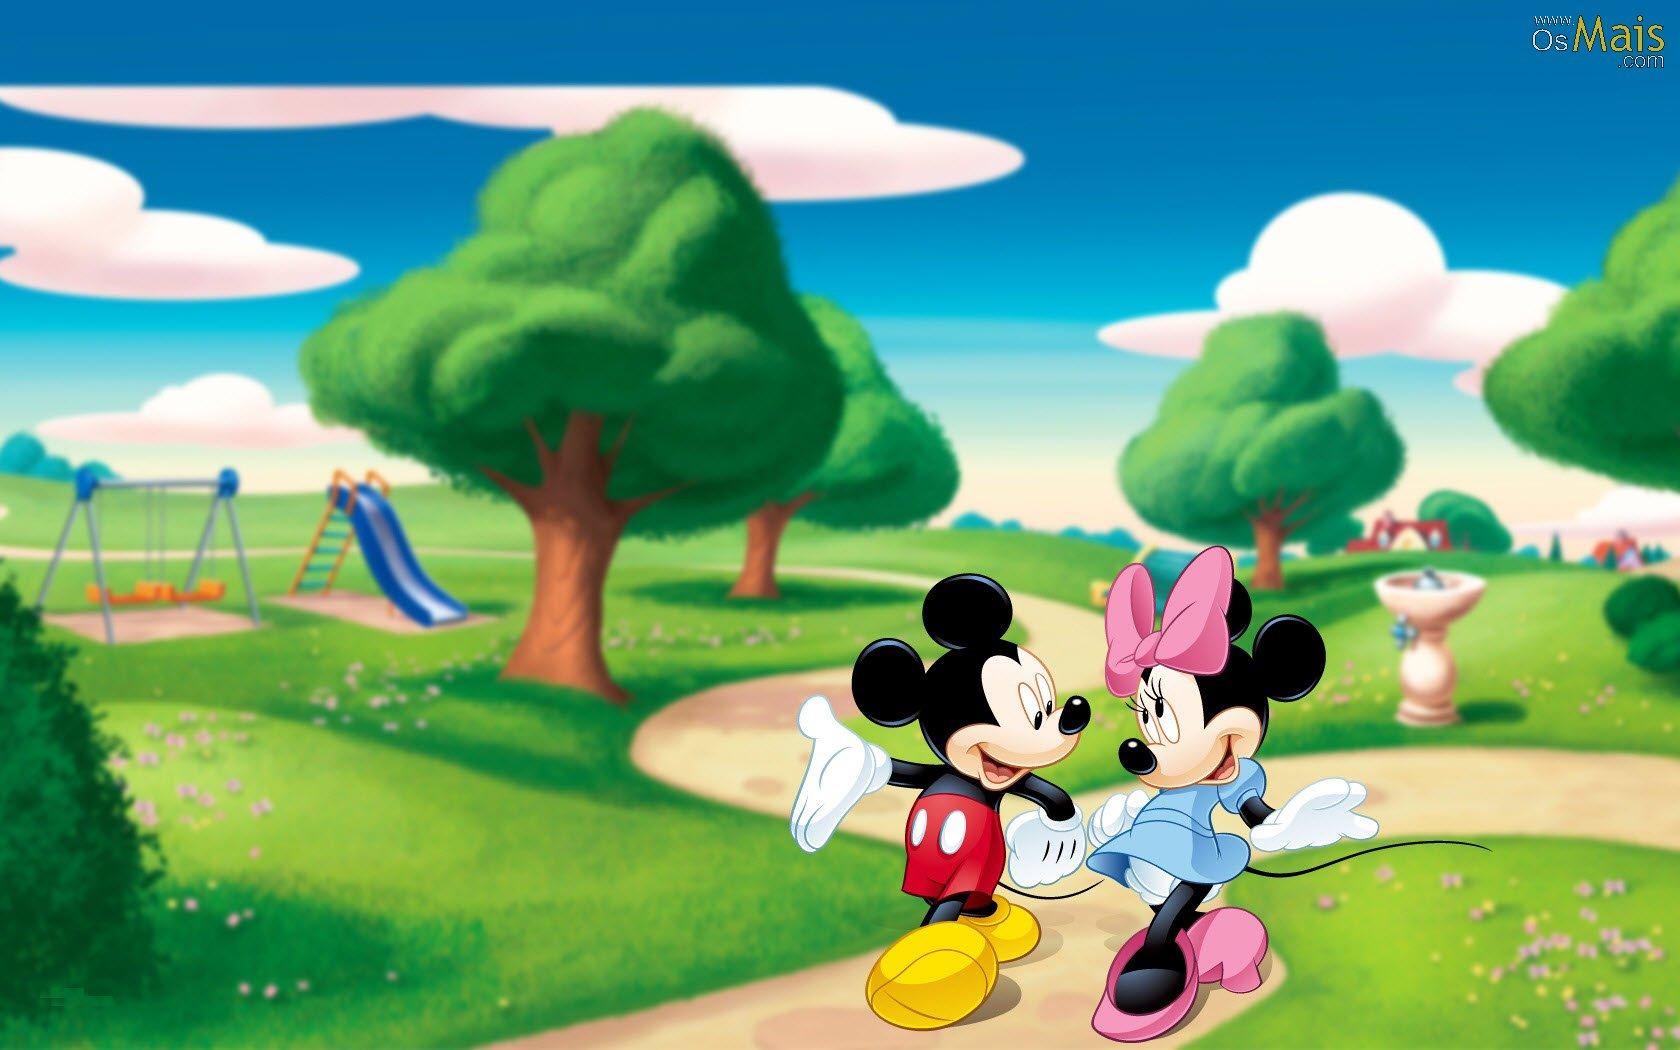 mickey-e-minnie-wallpaper (1)